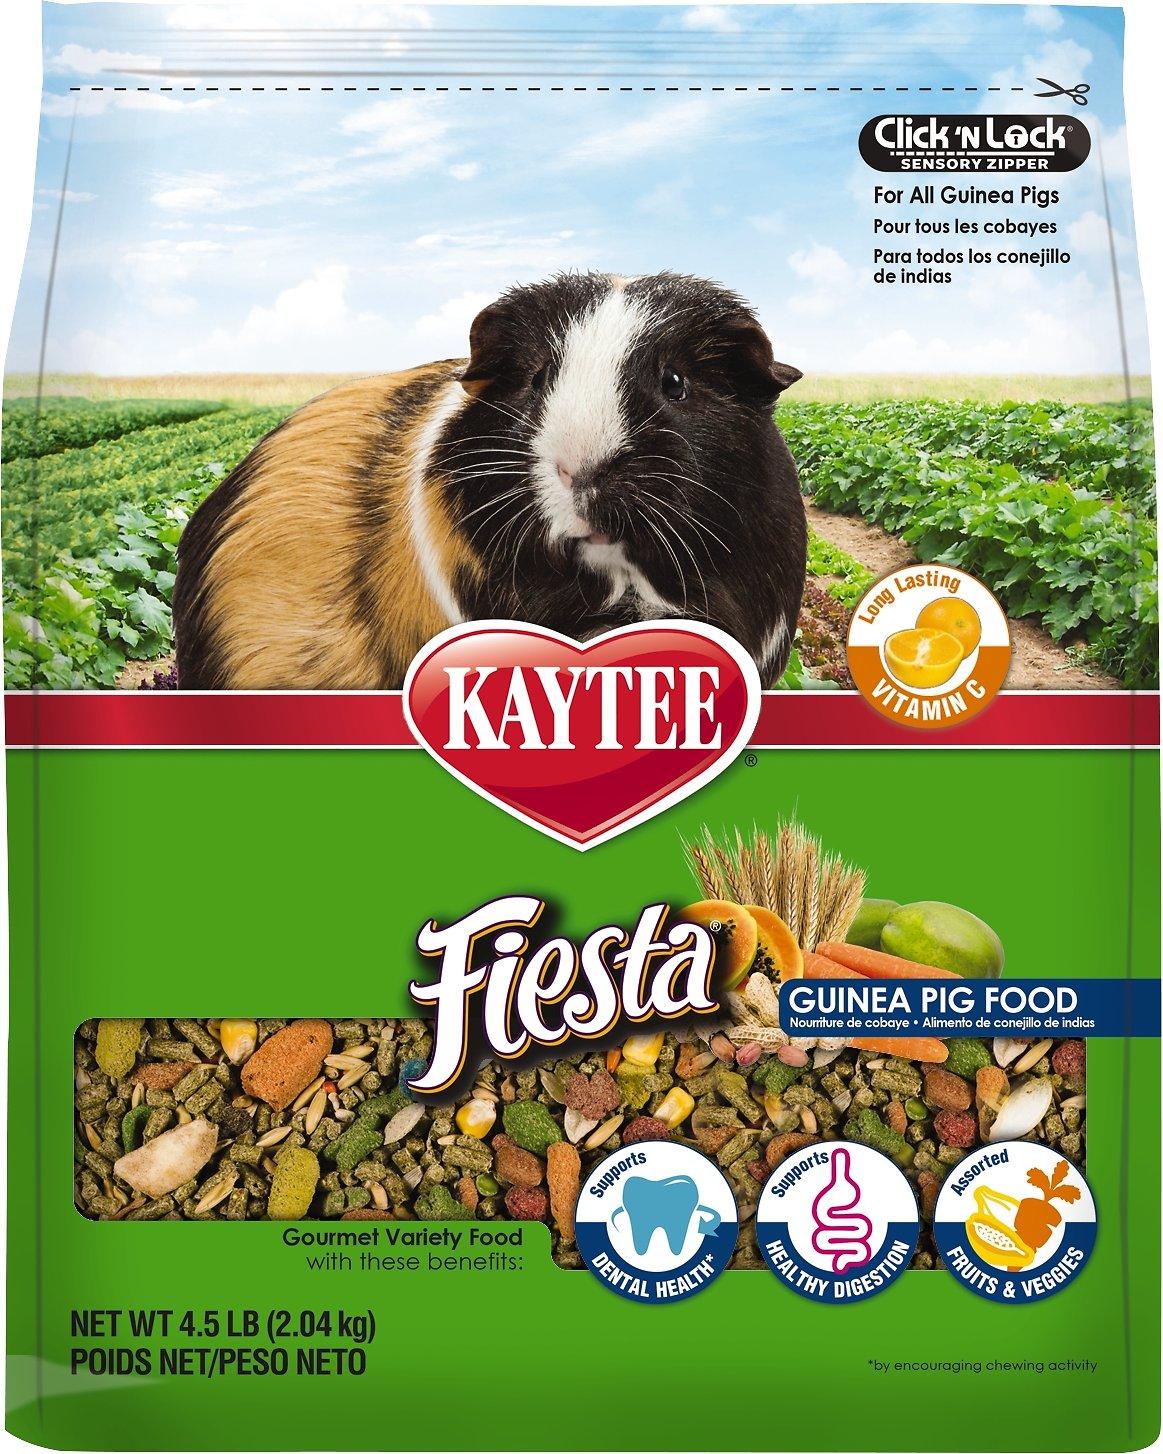 Kaytee Fiesta Gourmet Variety Diet Guinea Pig Food Image